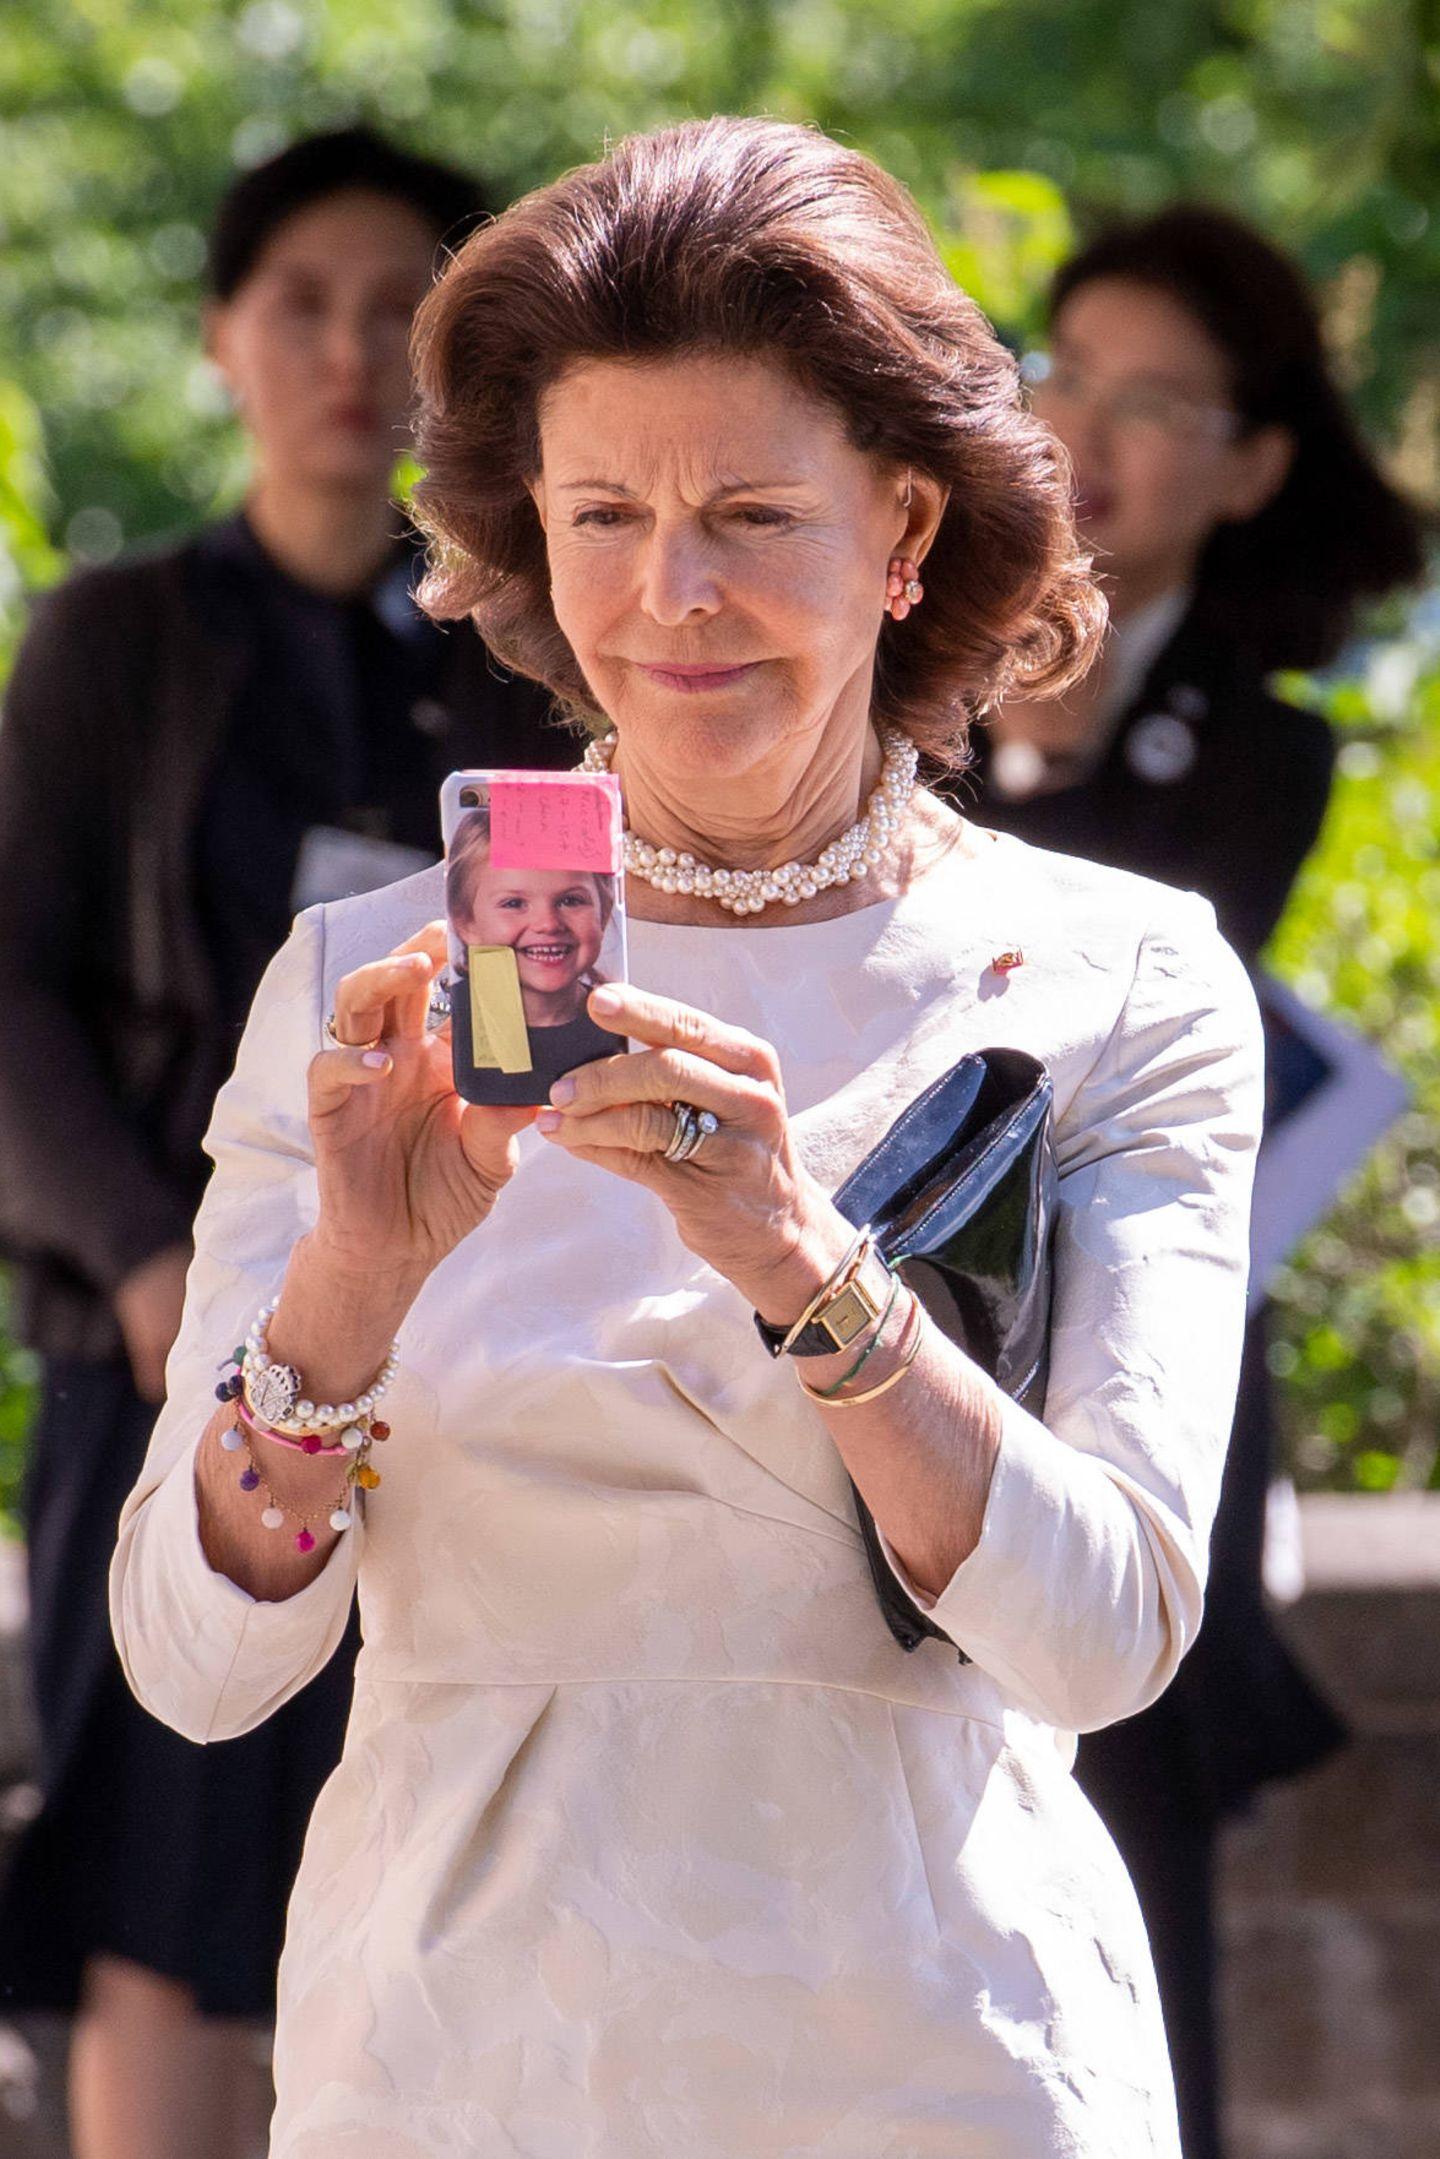 Stolze Oma: Silvia zückt ihr Handy, dessen Hülle ein Bild von Prinzessin Estelle ziert.